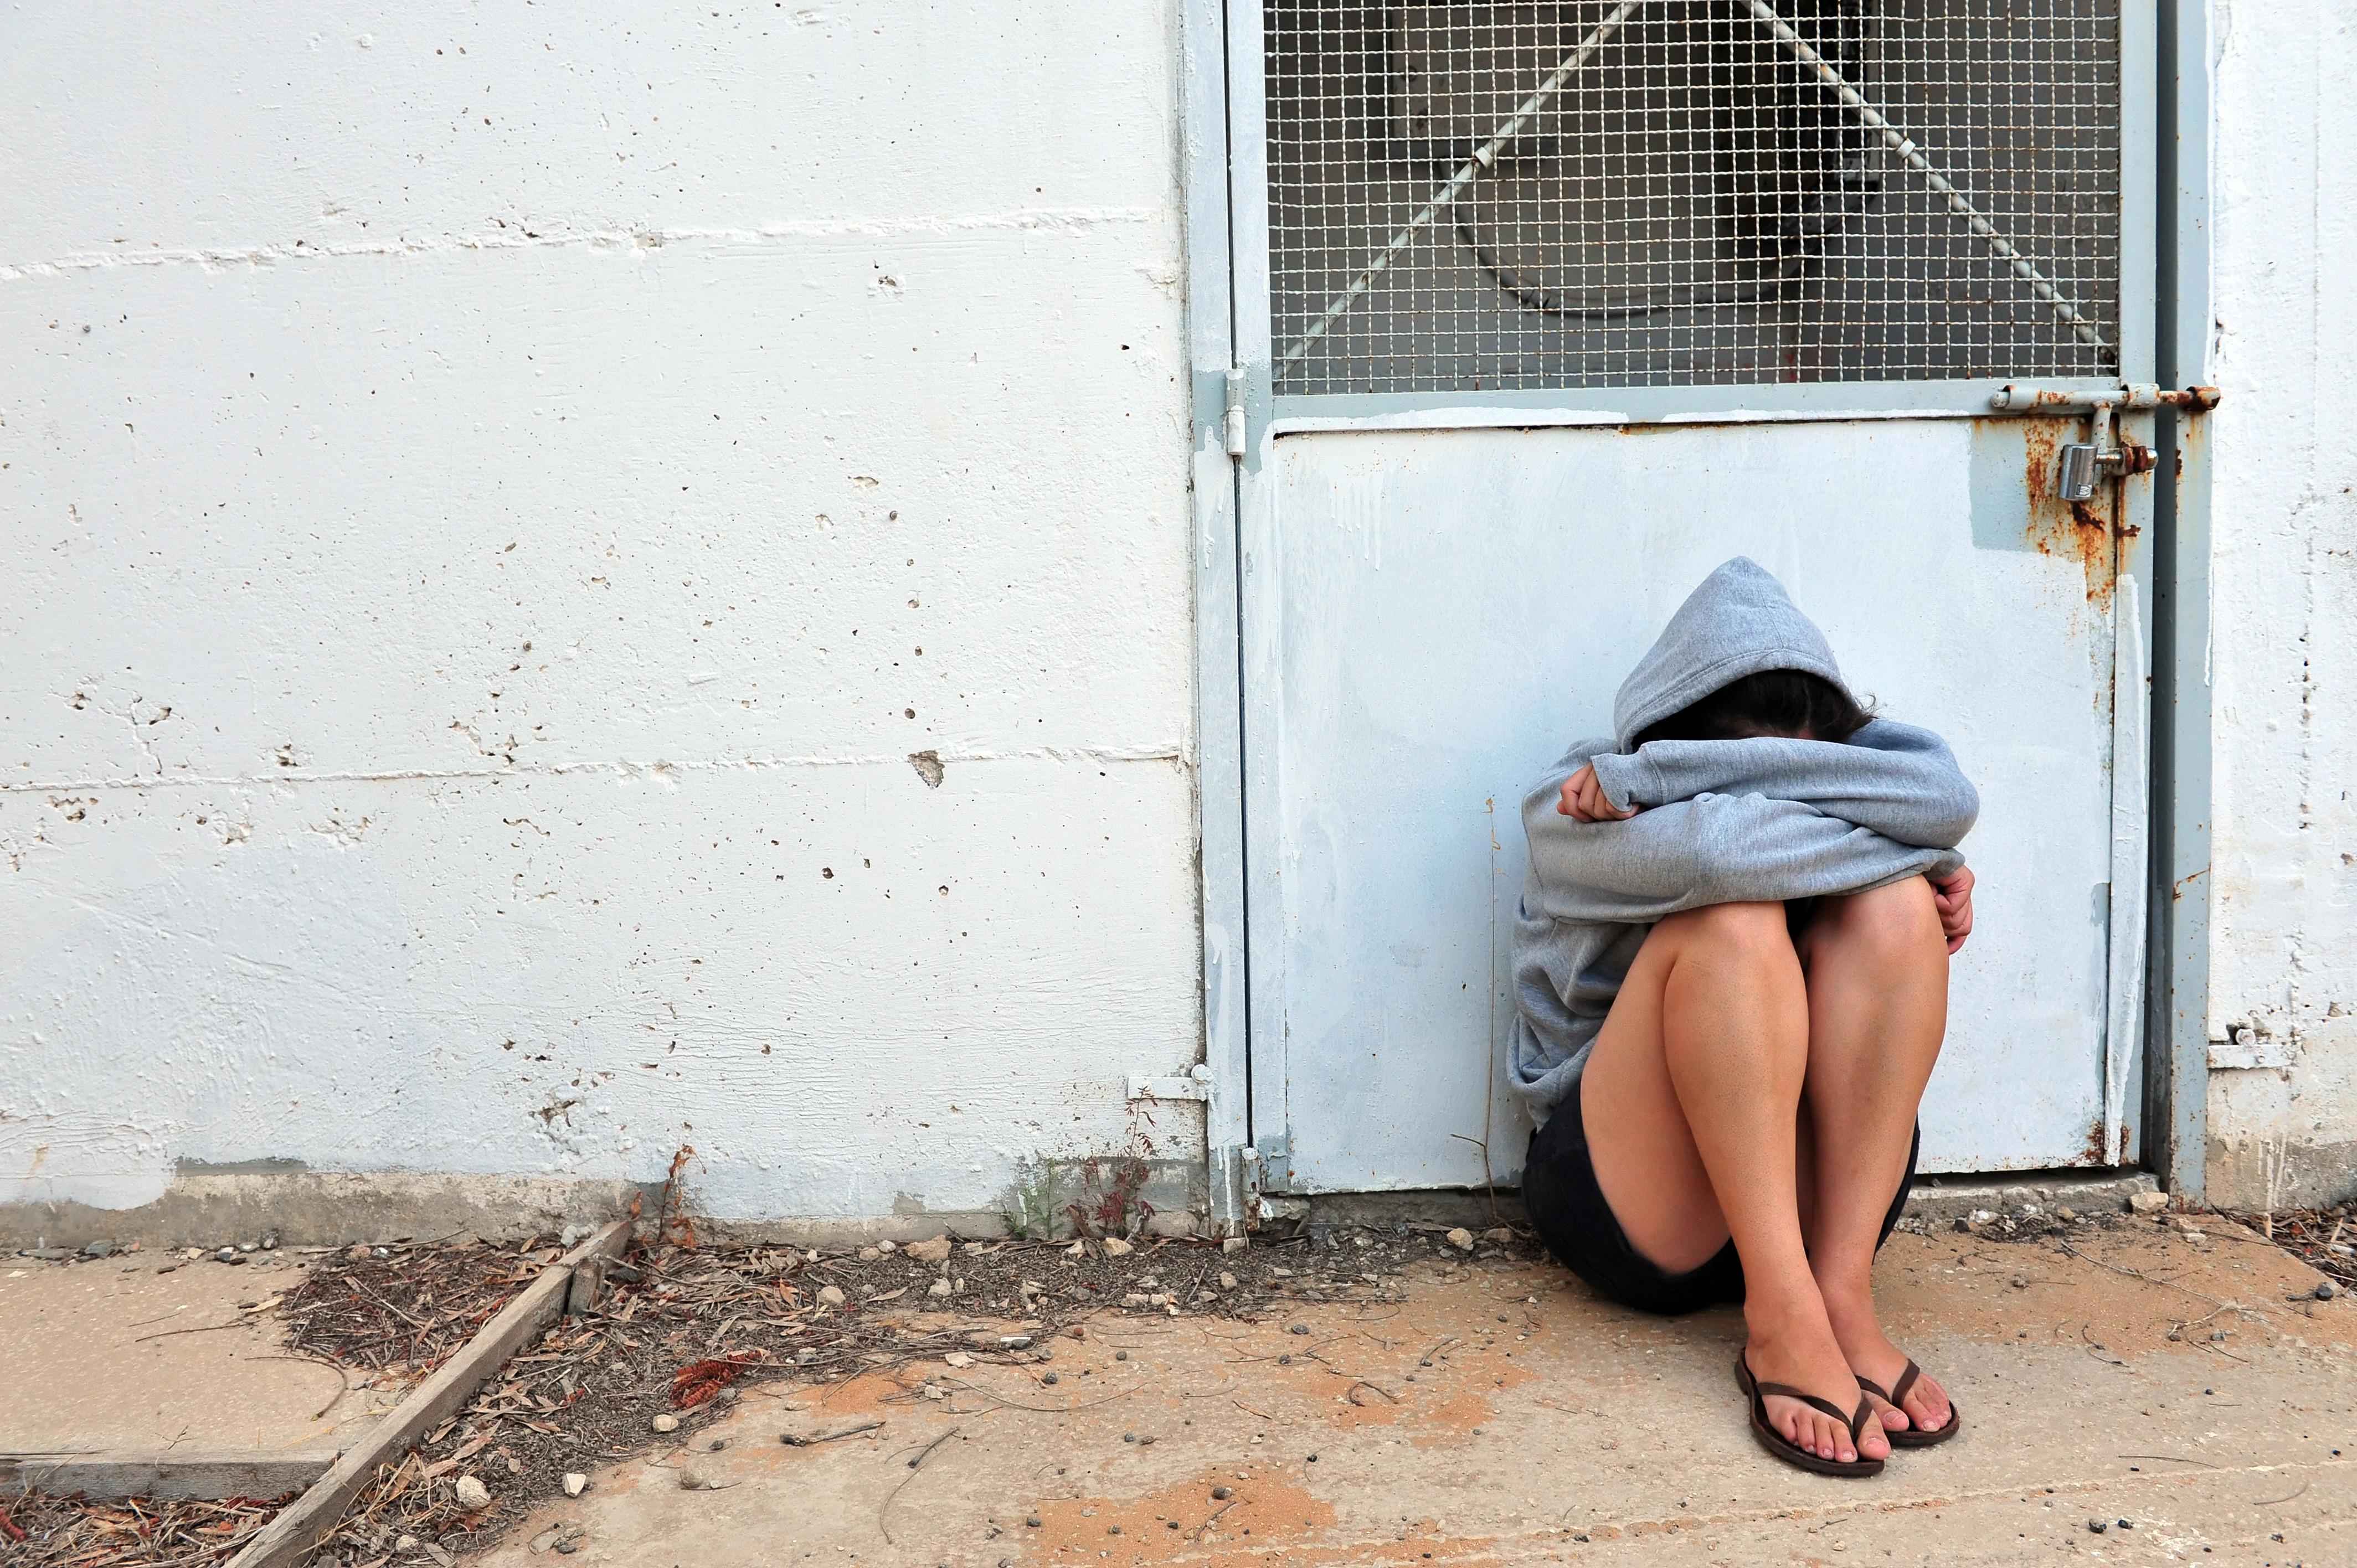 Αυξήθηκε ο κίνδυνος εμπορίας ανθρώπων εξαιτίας των μέτρων κατά της Covid-19